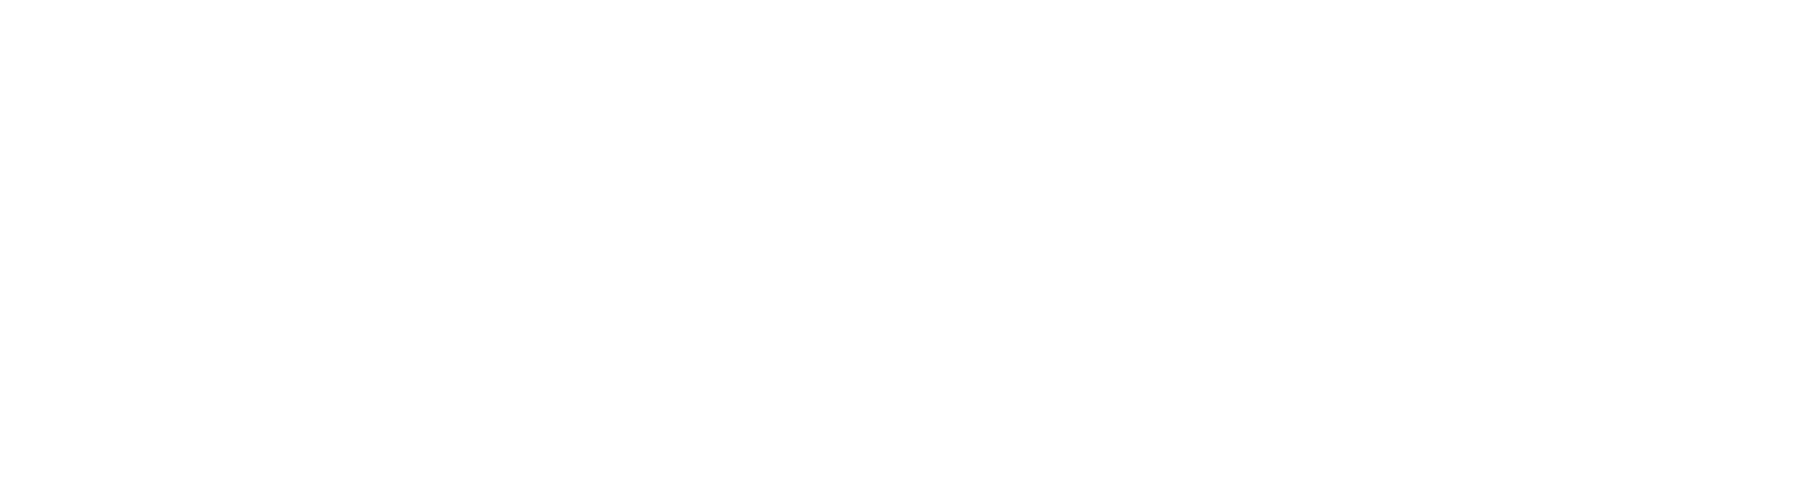 iphm-logo-white-2